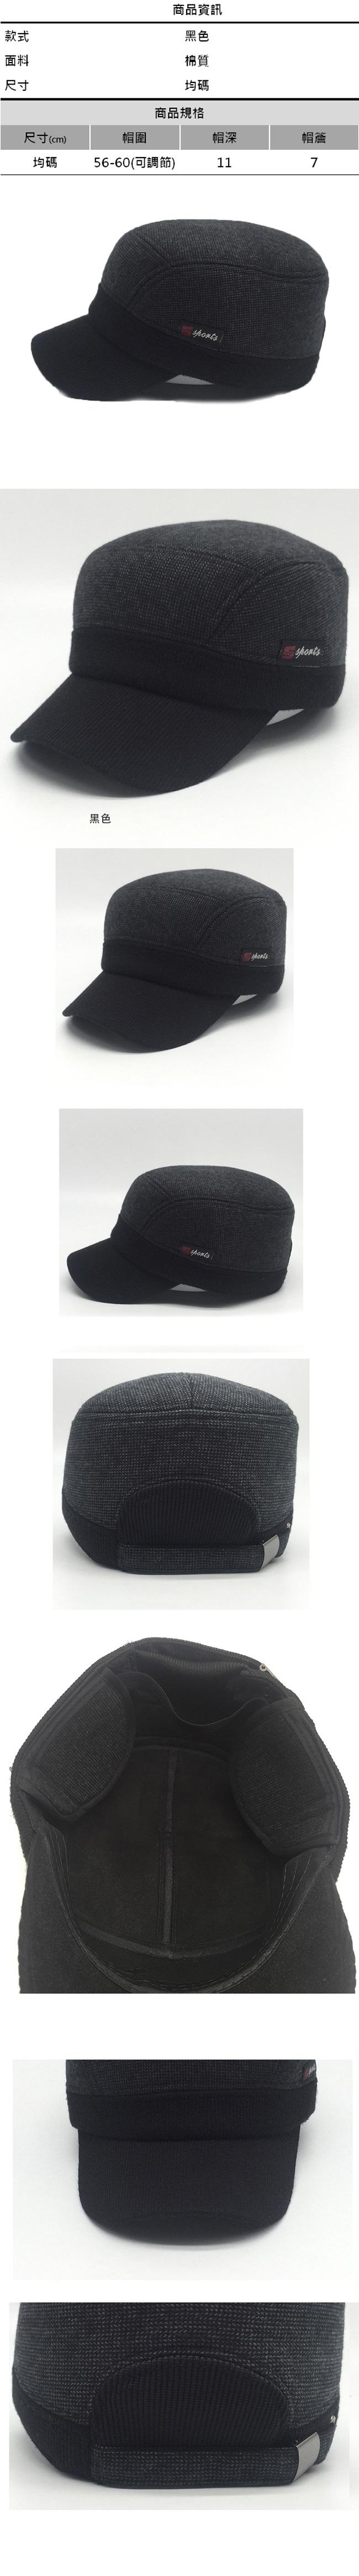 棒球帽-秋冬戶外禦寒休閒毛呢男護耳帽